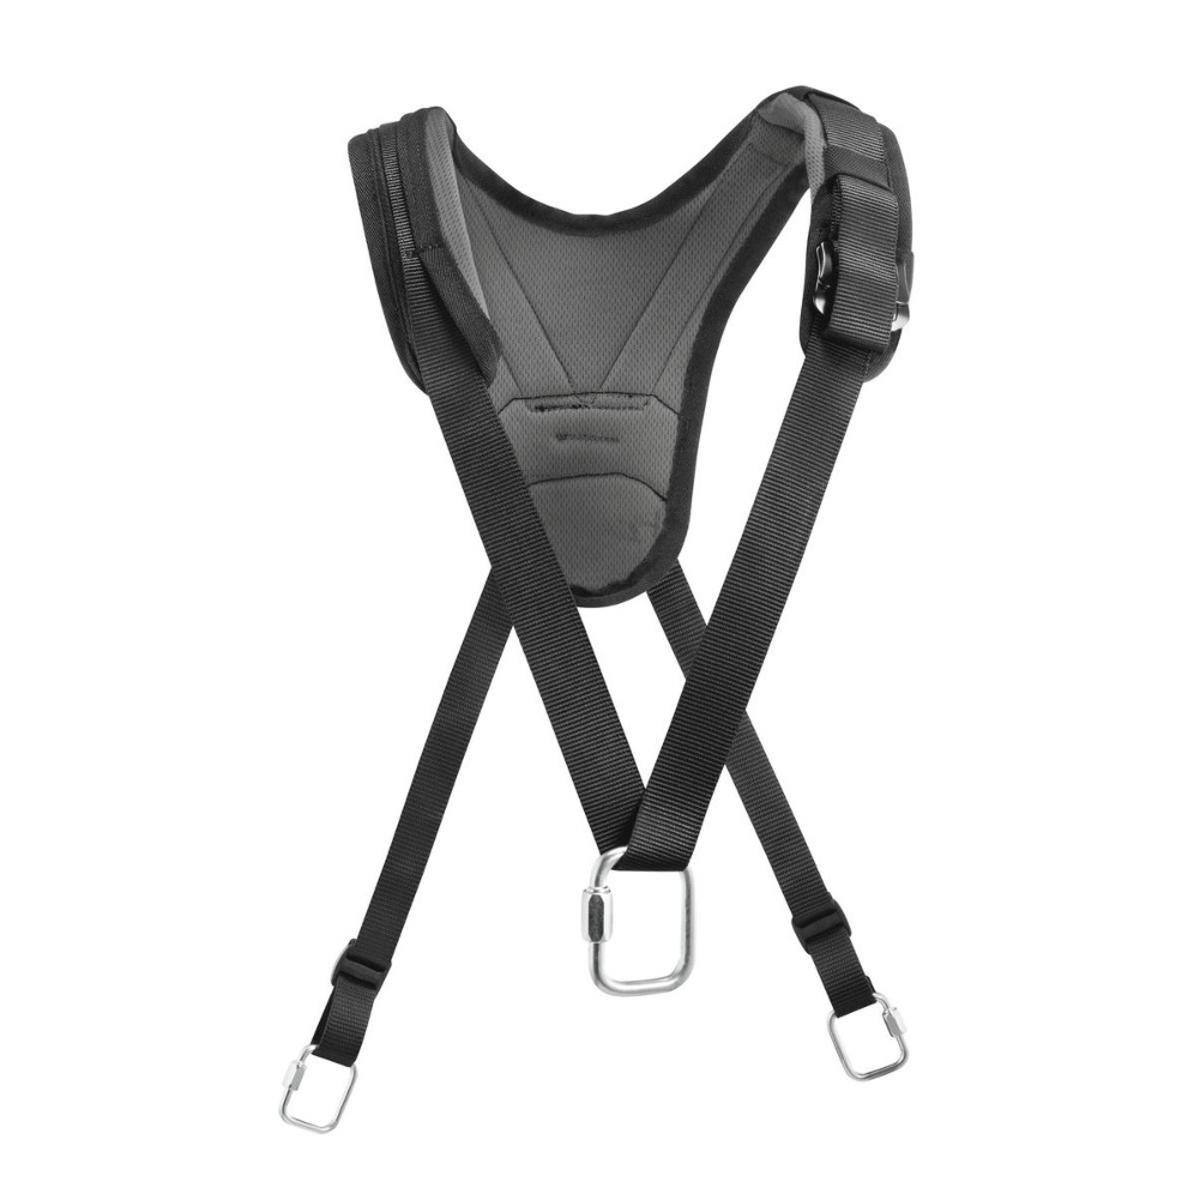 PETZL - Shoulder Straps for Sequoia SRT Harness